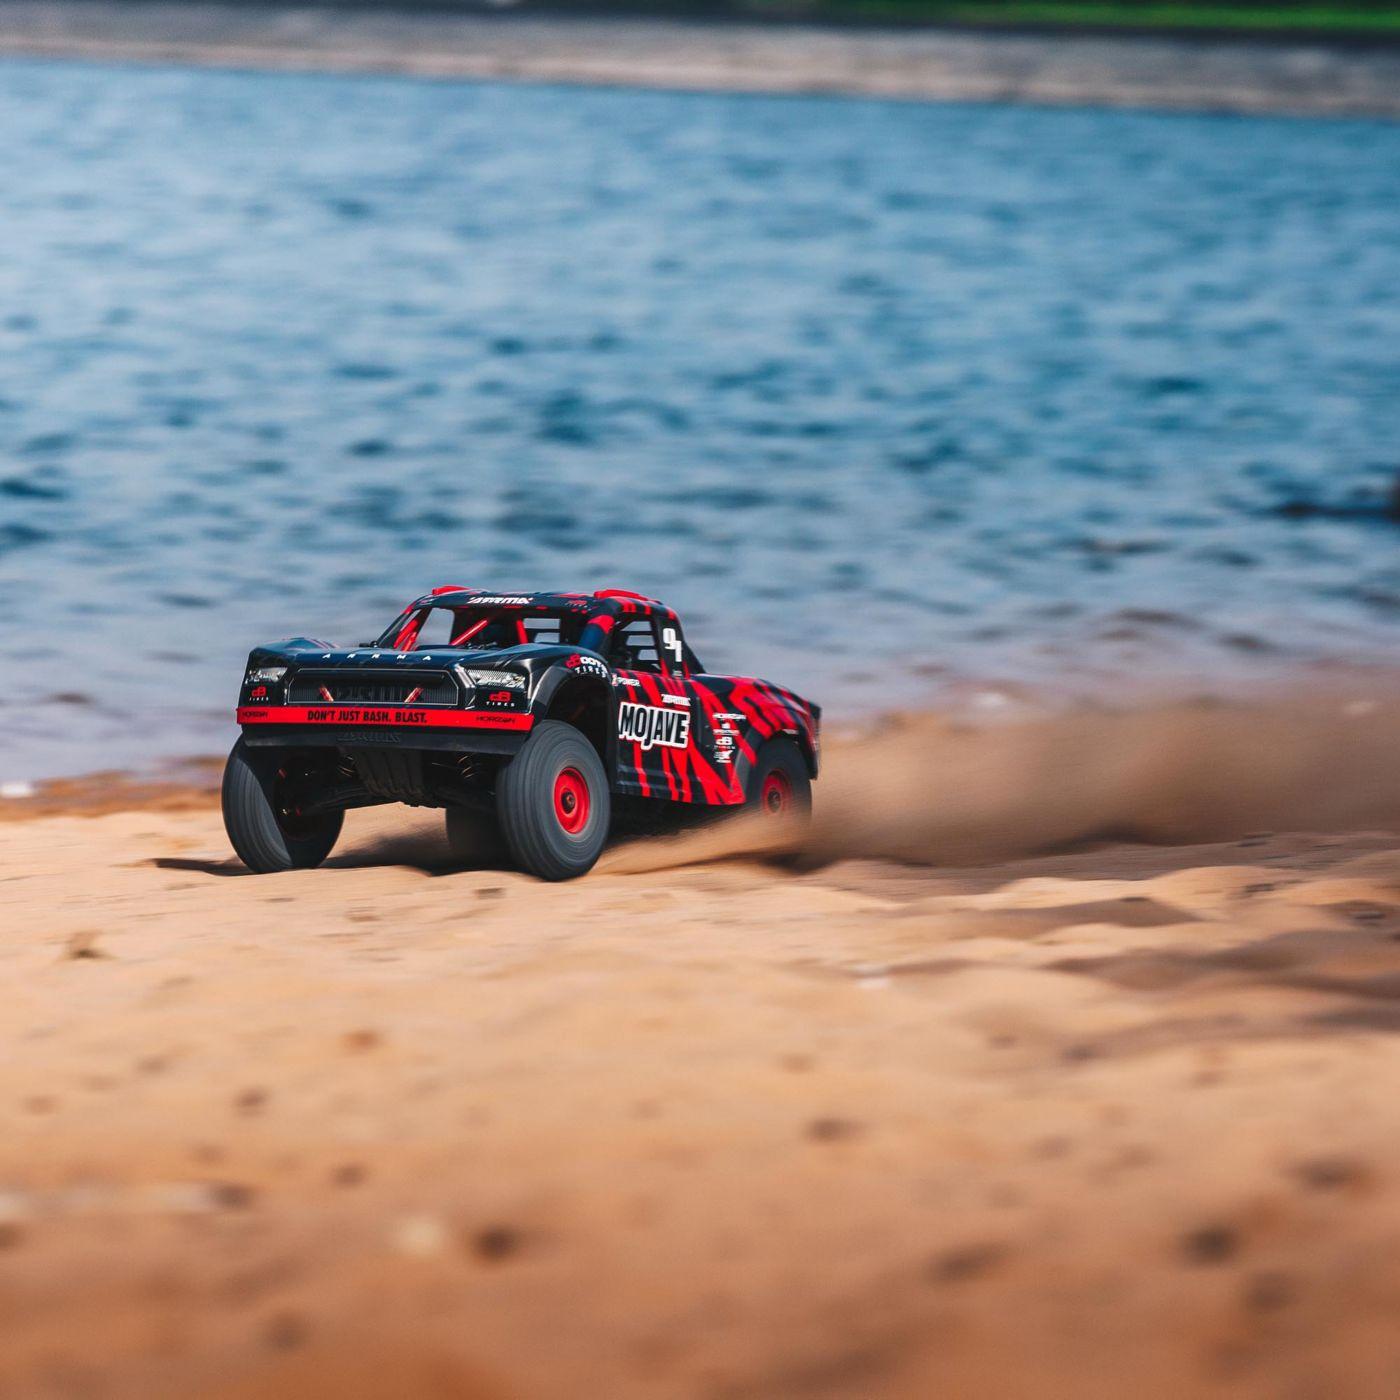 ARRMA #106058T2 1/7 Mojave 4WD Desert Racer (Red/Black)